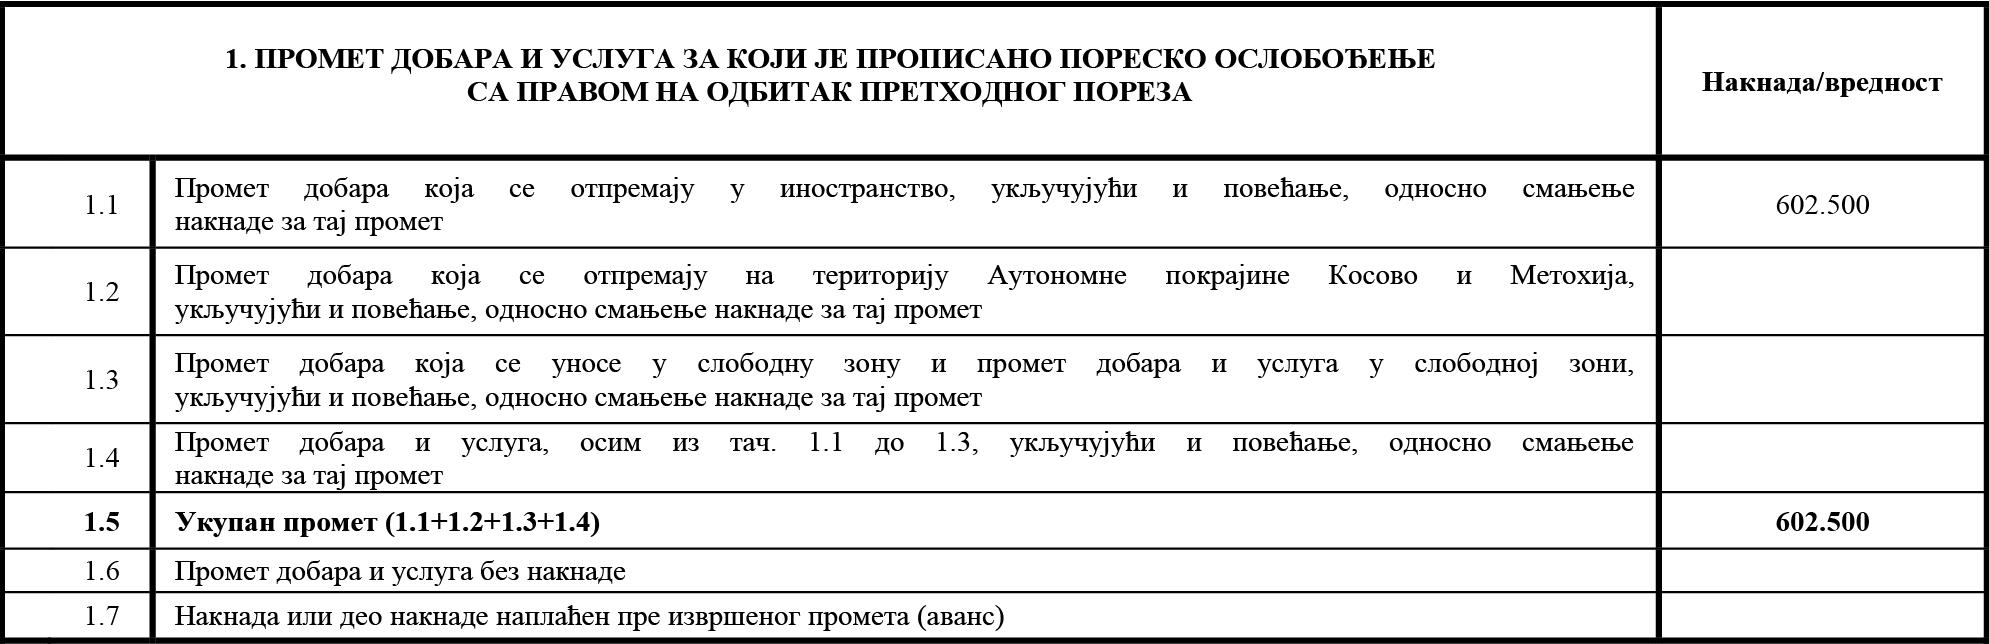 uputstvo PU obrazac POPDV primer 27